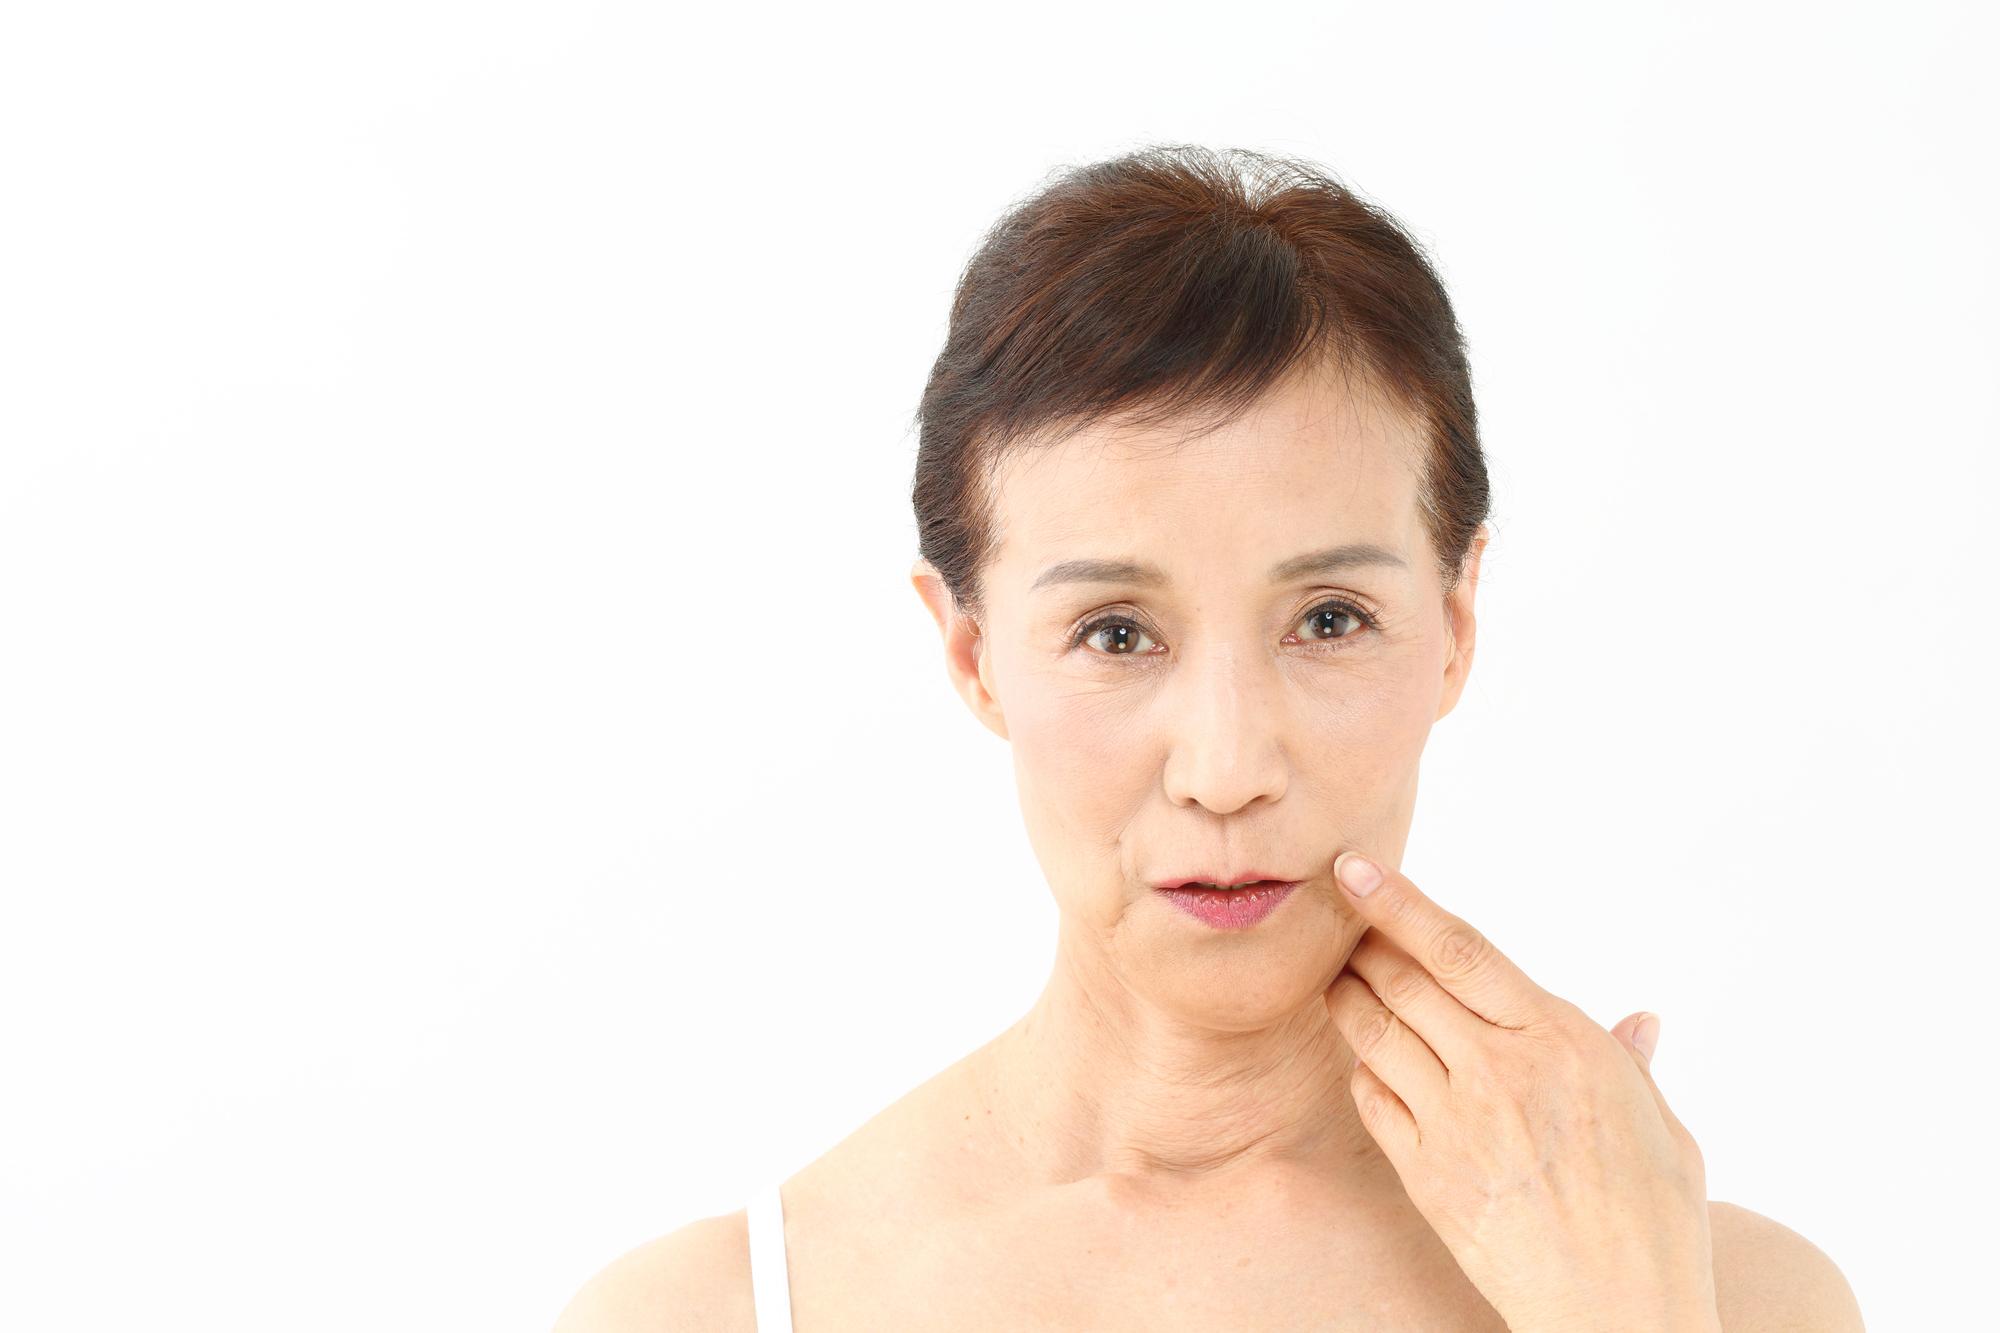 お肌のシワ、がんや関節痛もAGEが原因!?